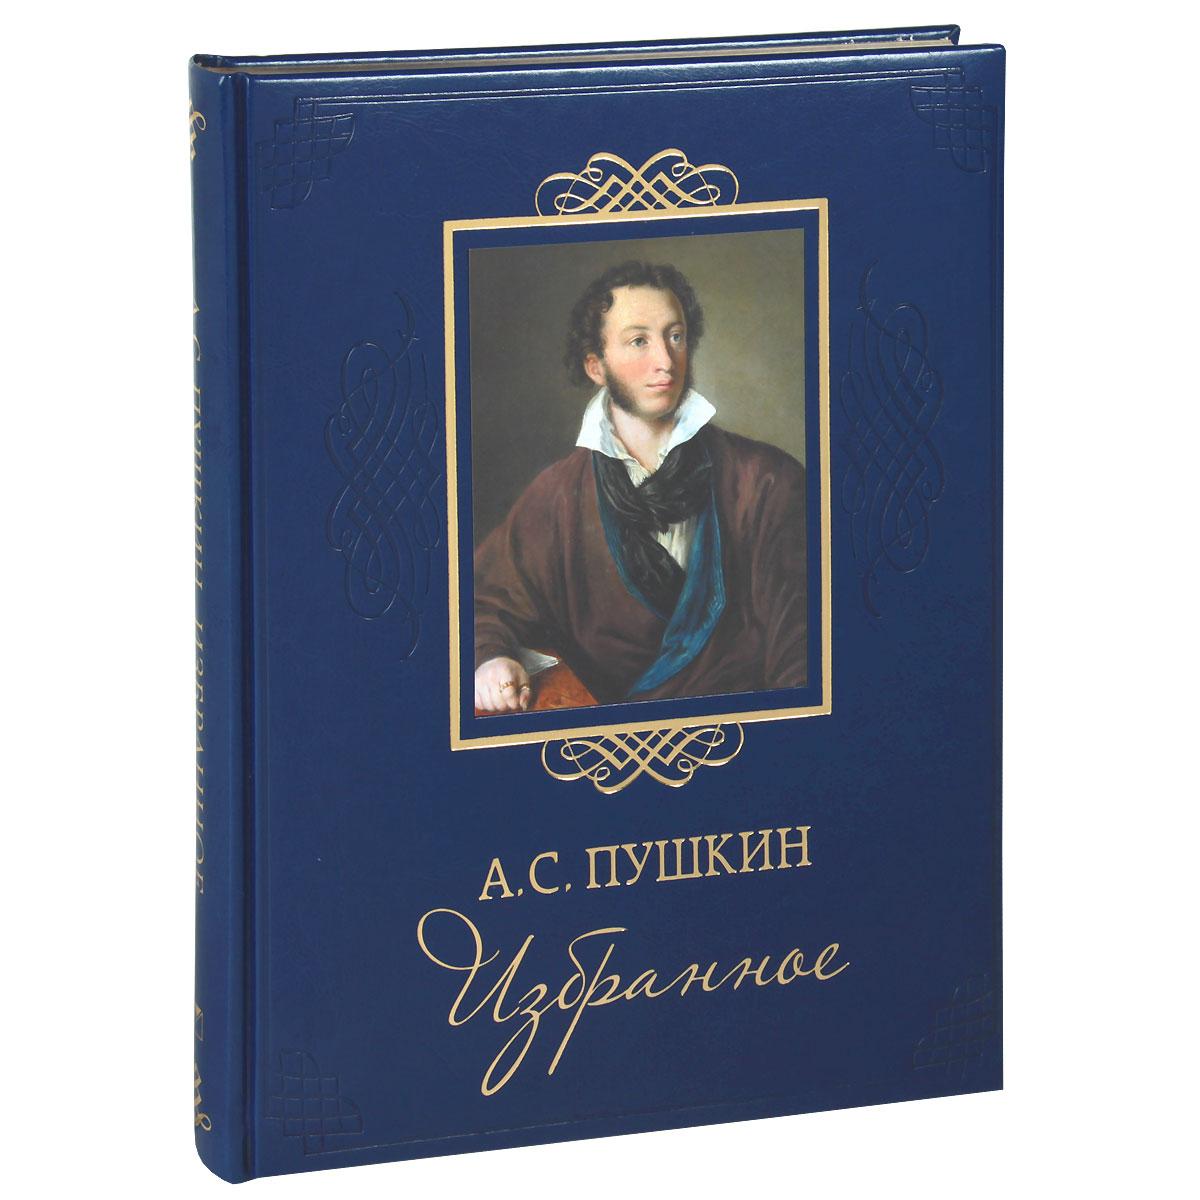 А. С. Пушкин. Избранное (подарочное издание)